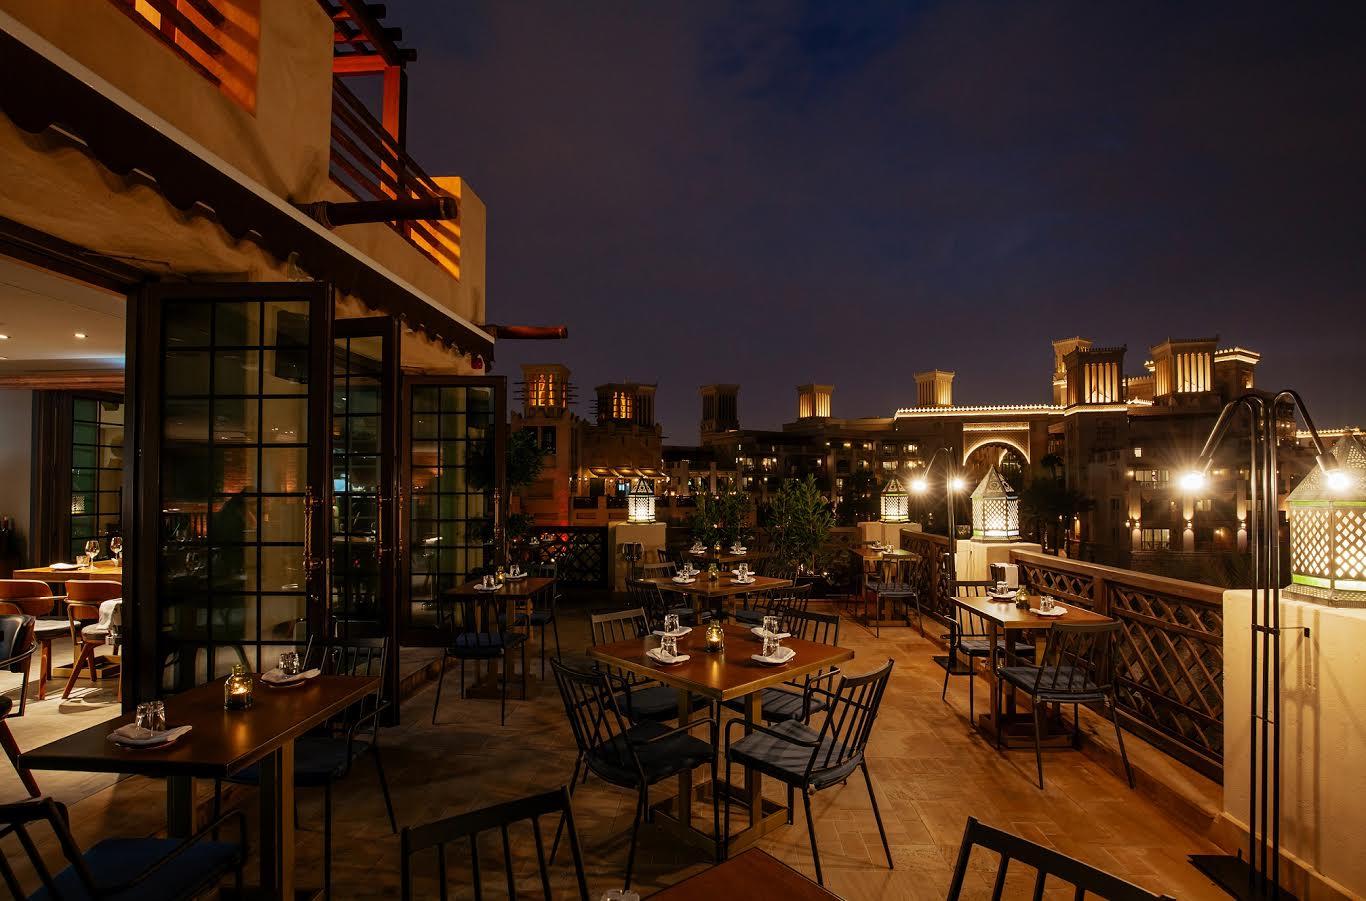 مطعم فولي باي نك اند سكوت يطلق مفهوم عصري وتفاعلي